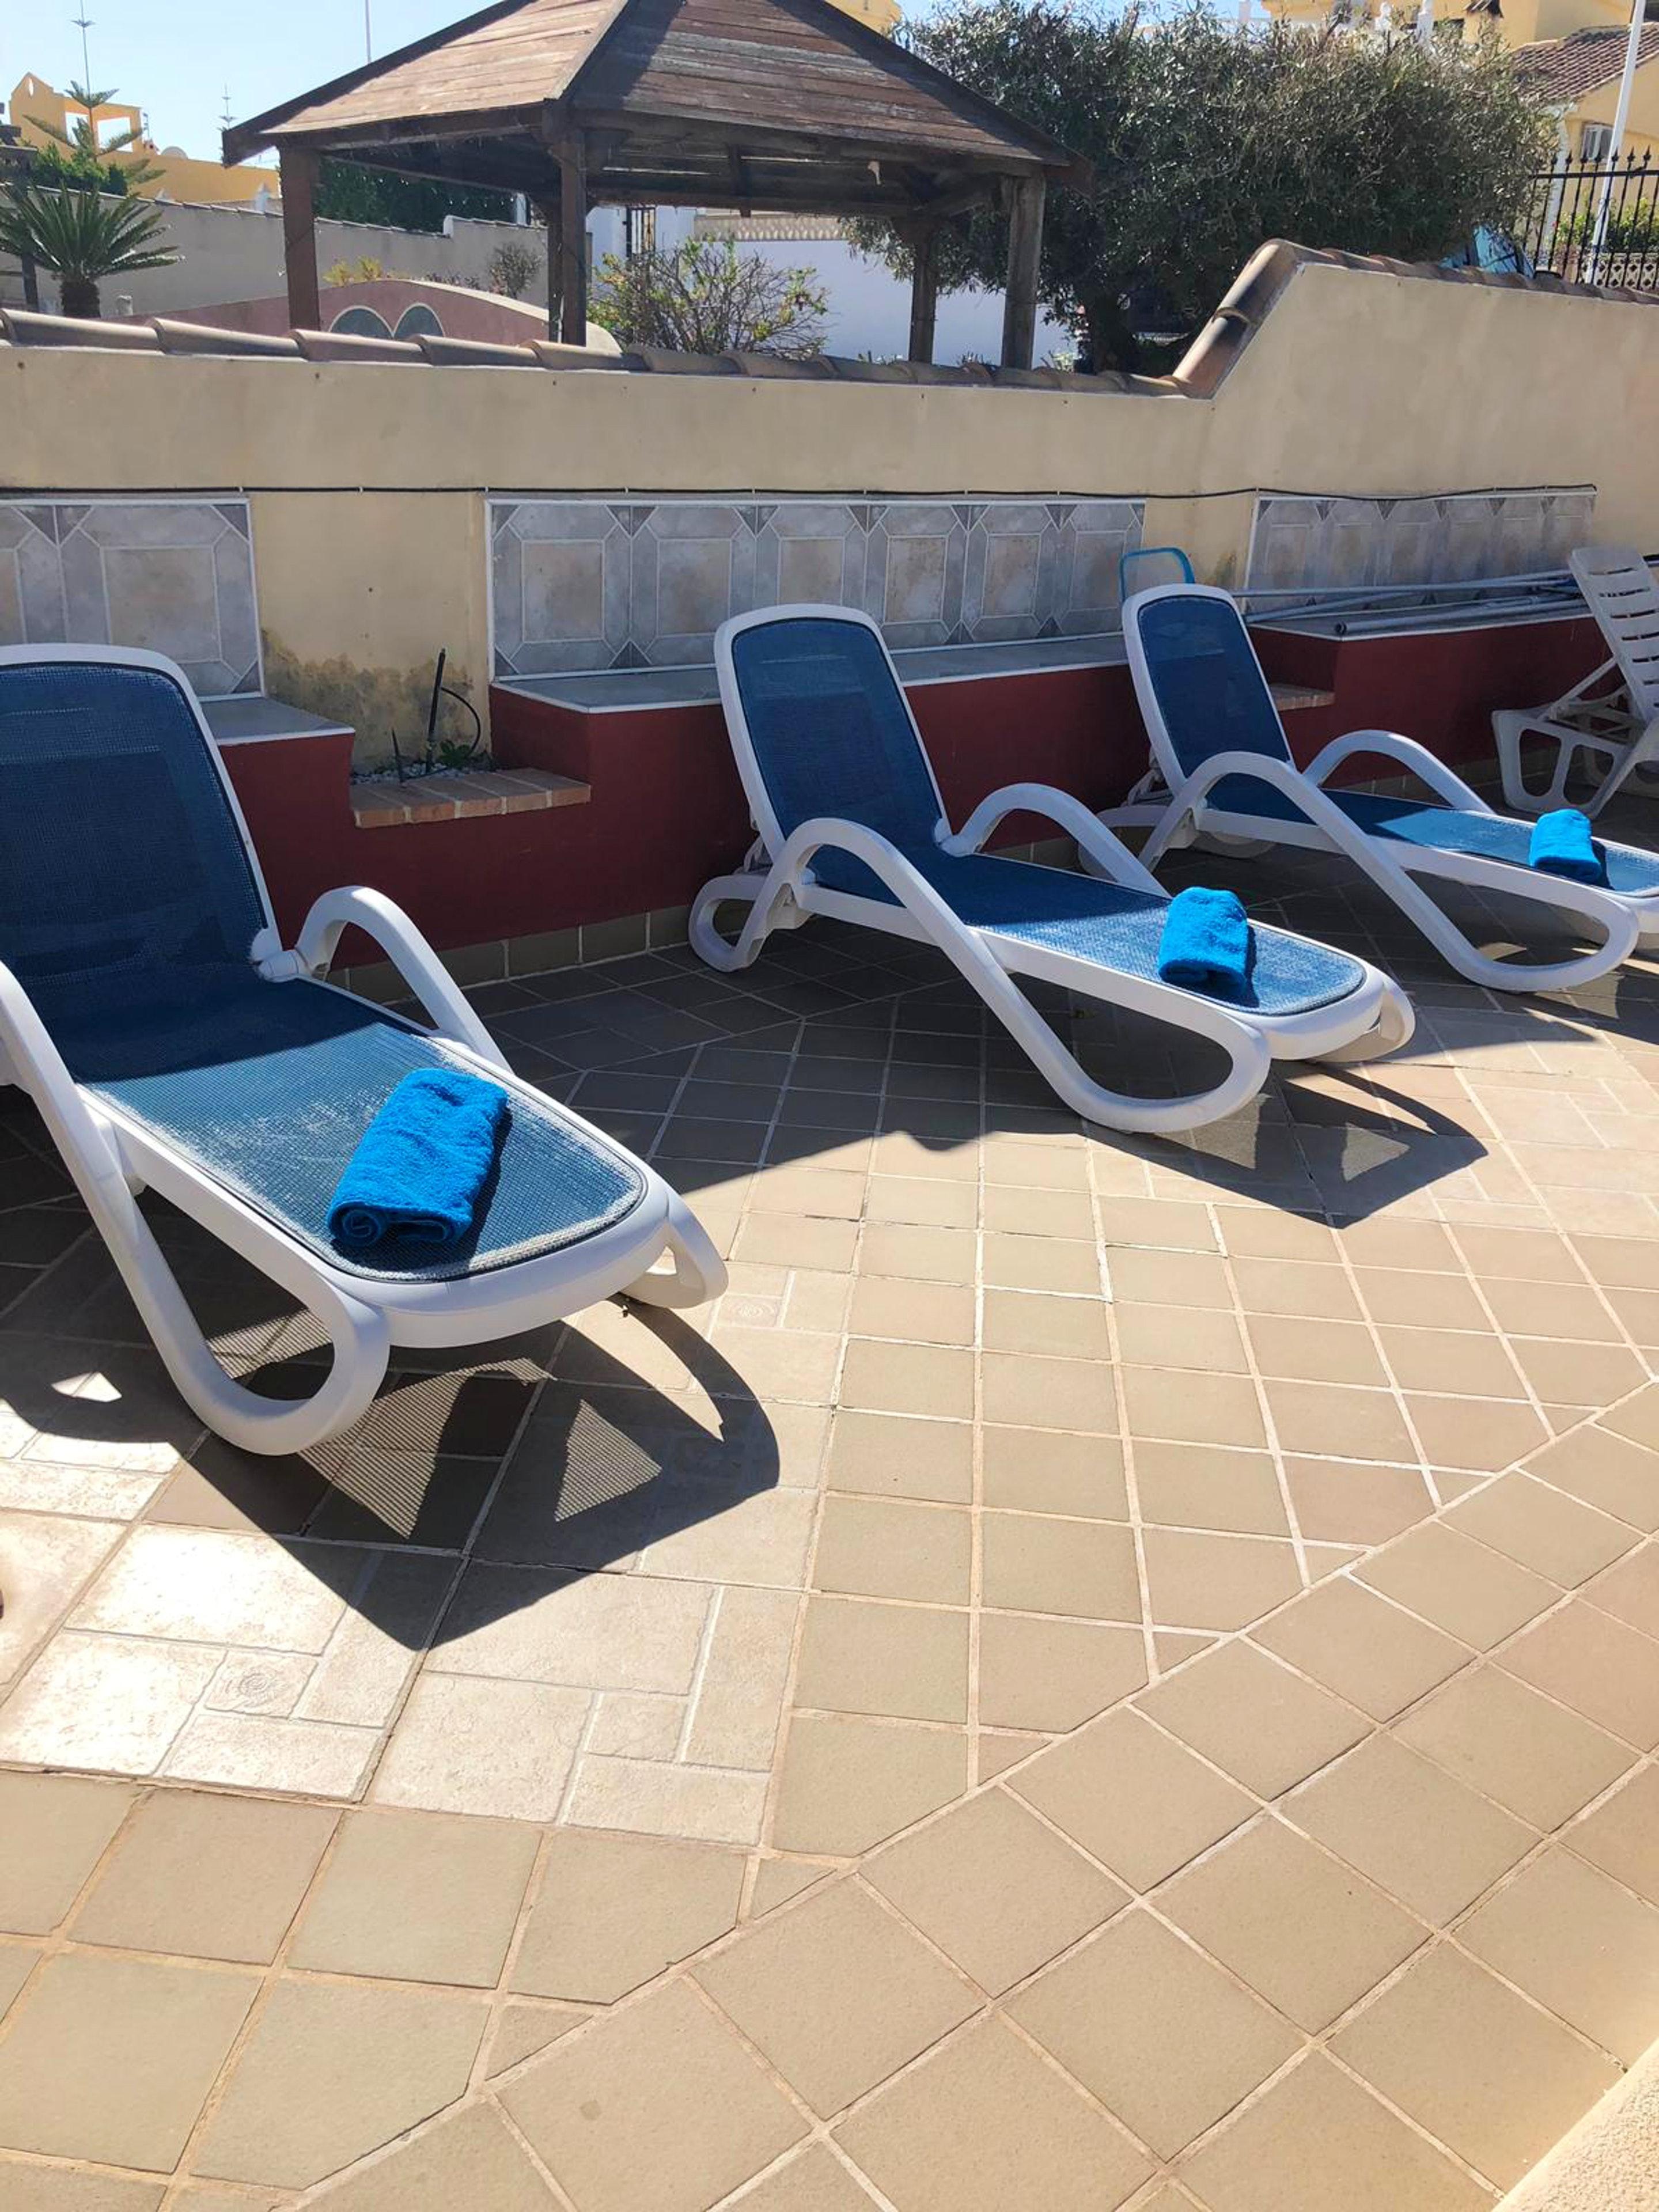 Appartement de vacances Wohnung mit 2 Schlafzimmern in Mazarrón mit toller Aussicht auf die Berge, privatem Pool,  (2632538), Mazarron, Costa Calida, Murcie, Espagne, image 39